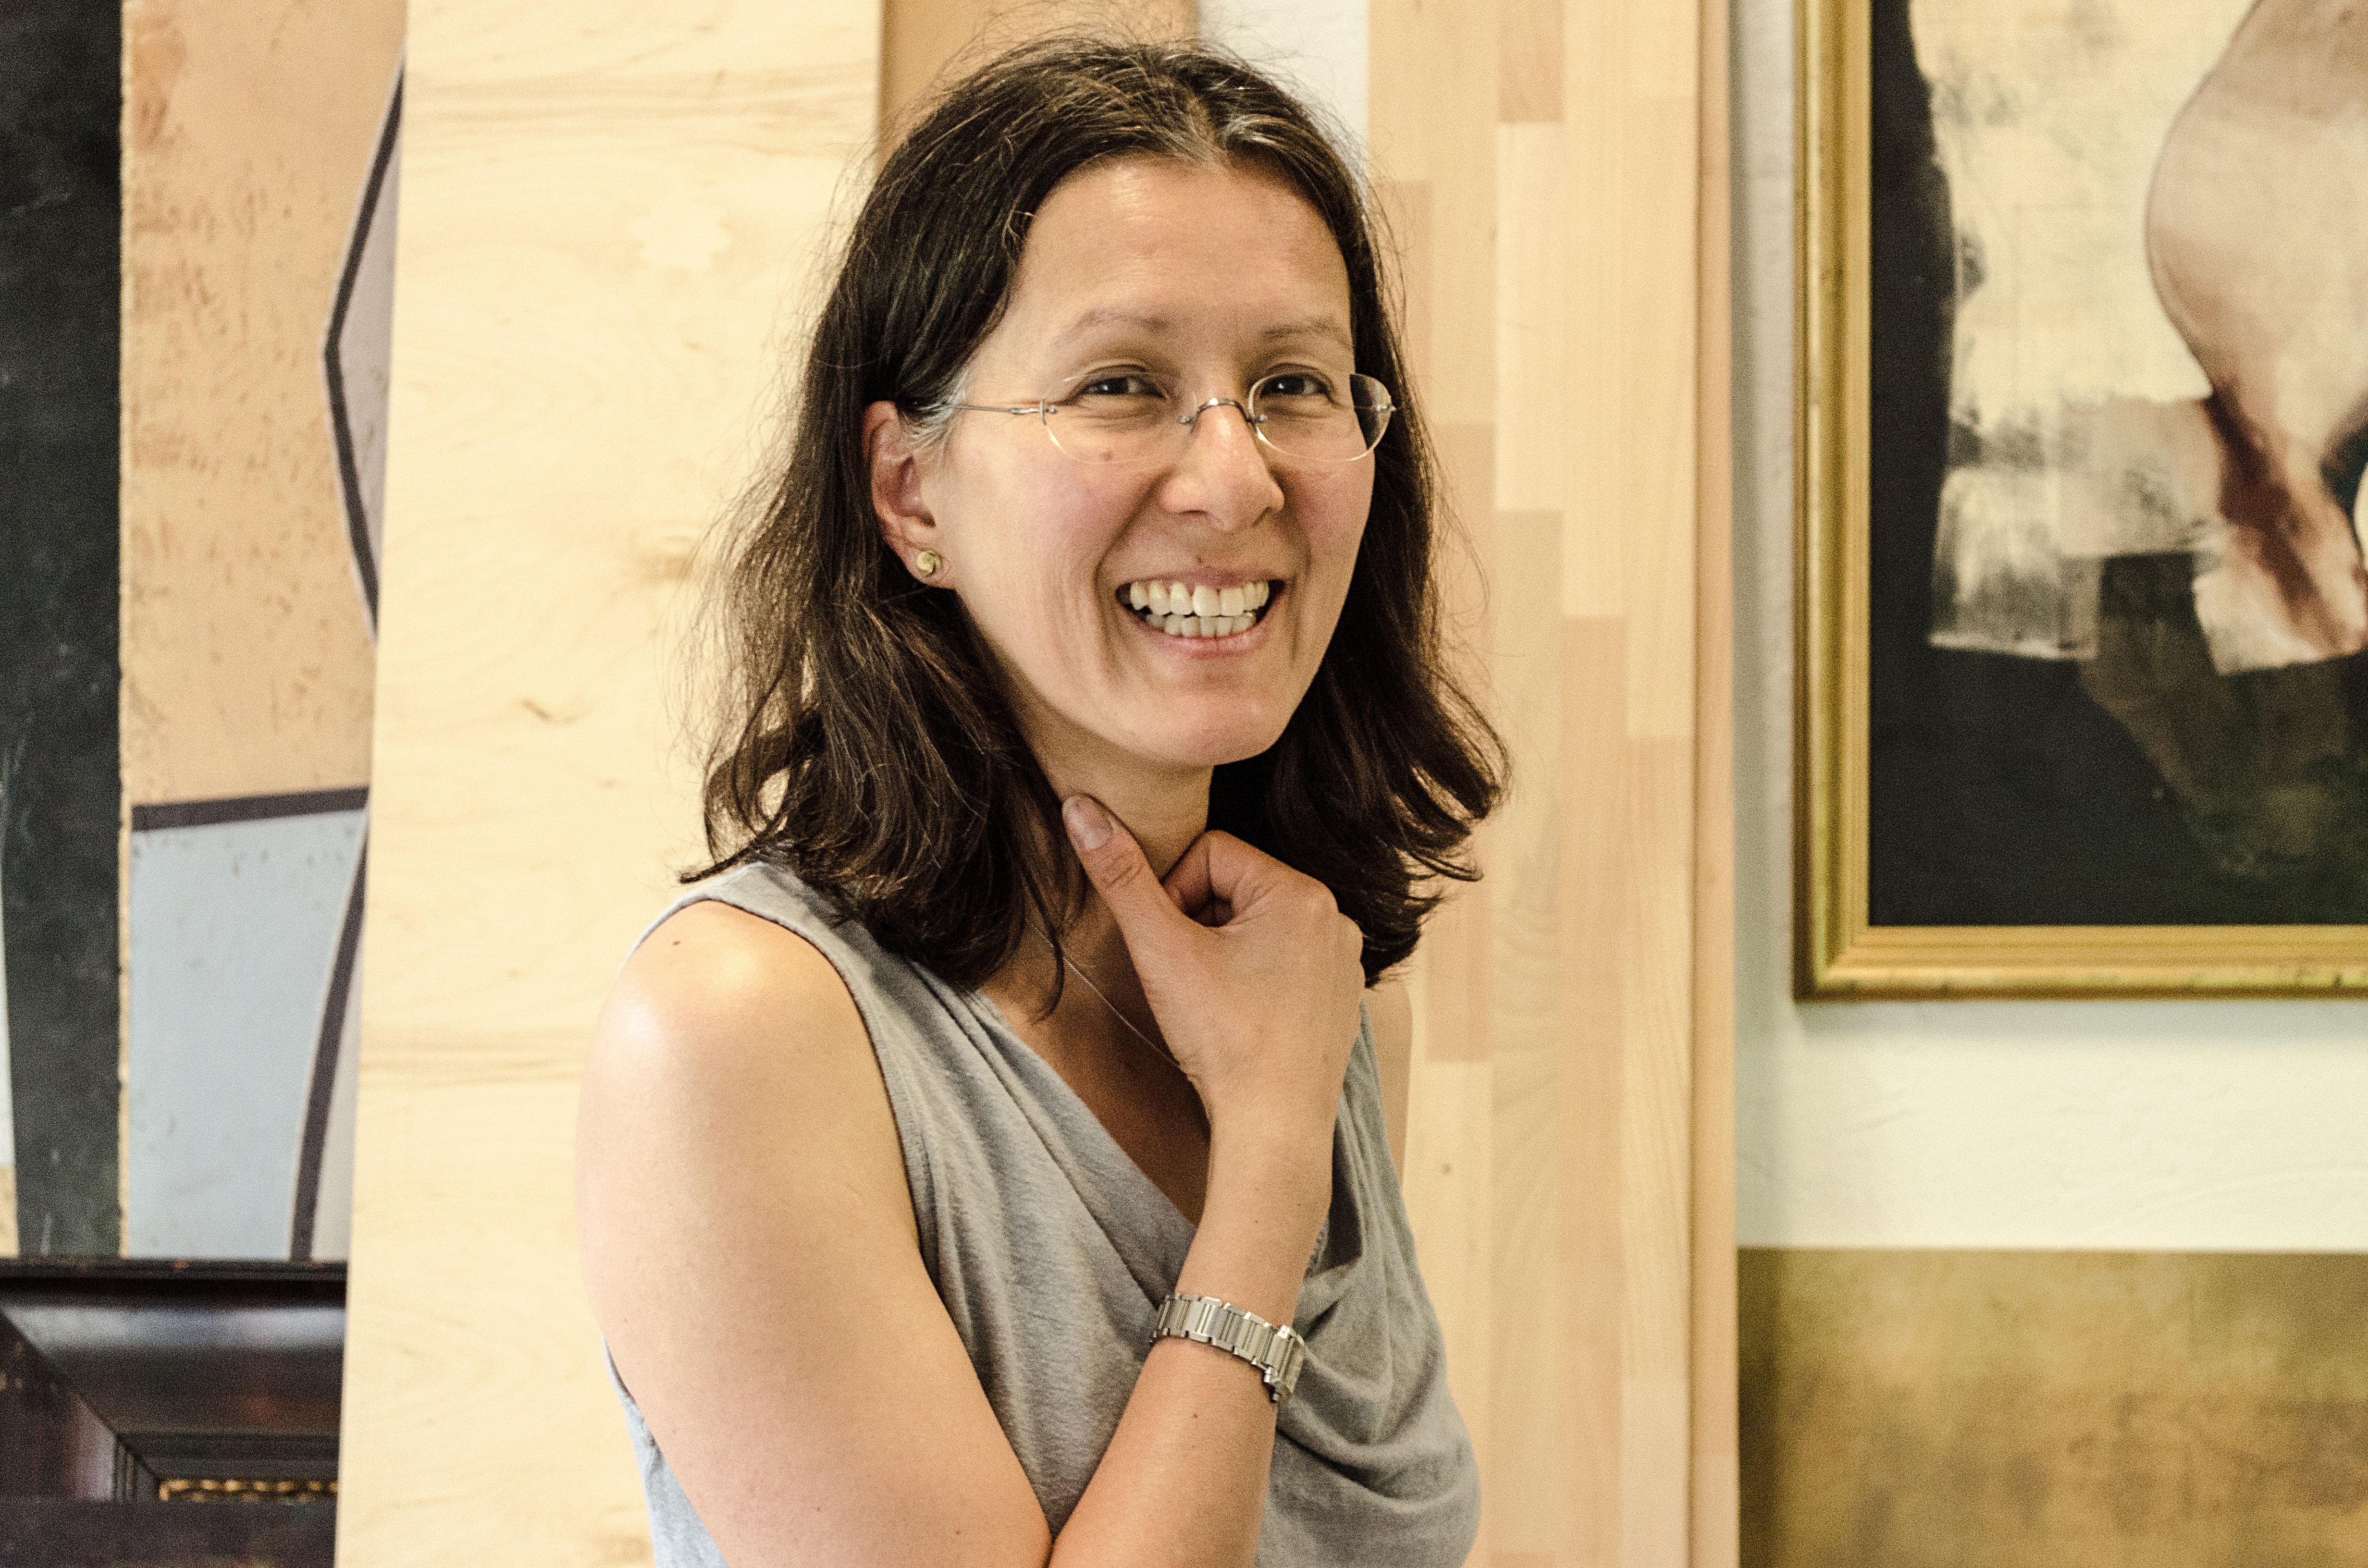 Brigitte Yoshiko Pruchnow